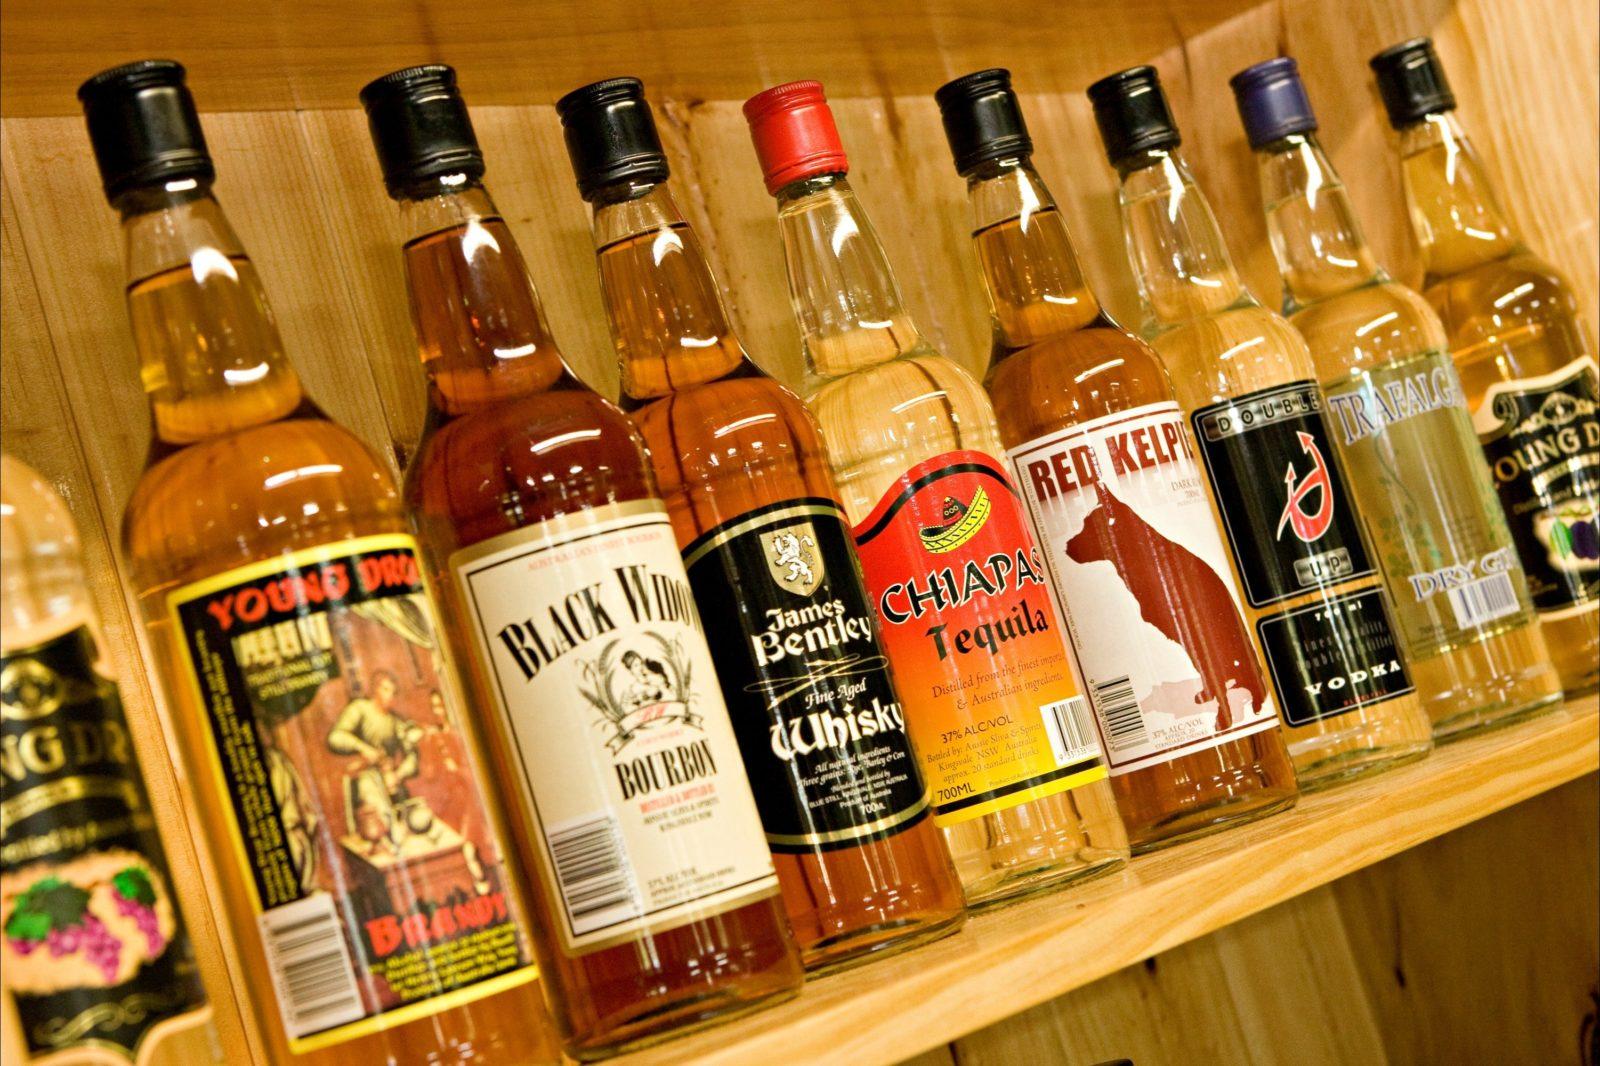 Bluestill Distillery